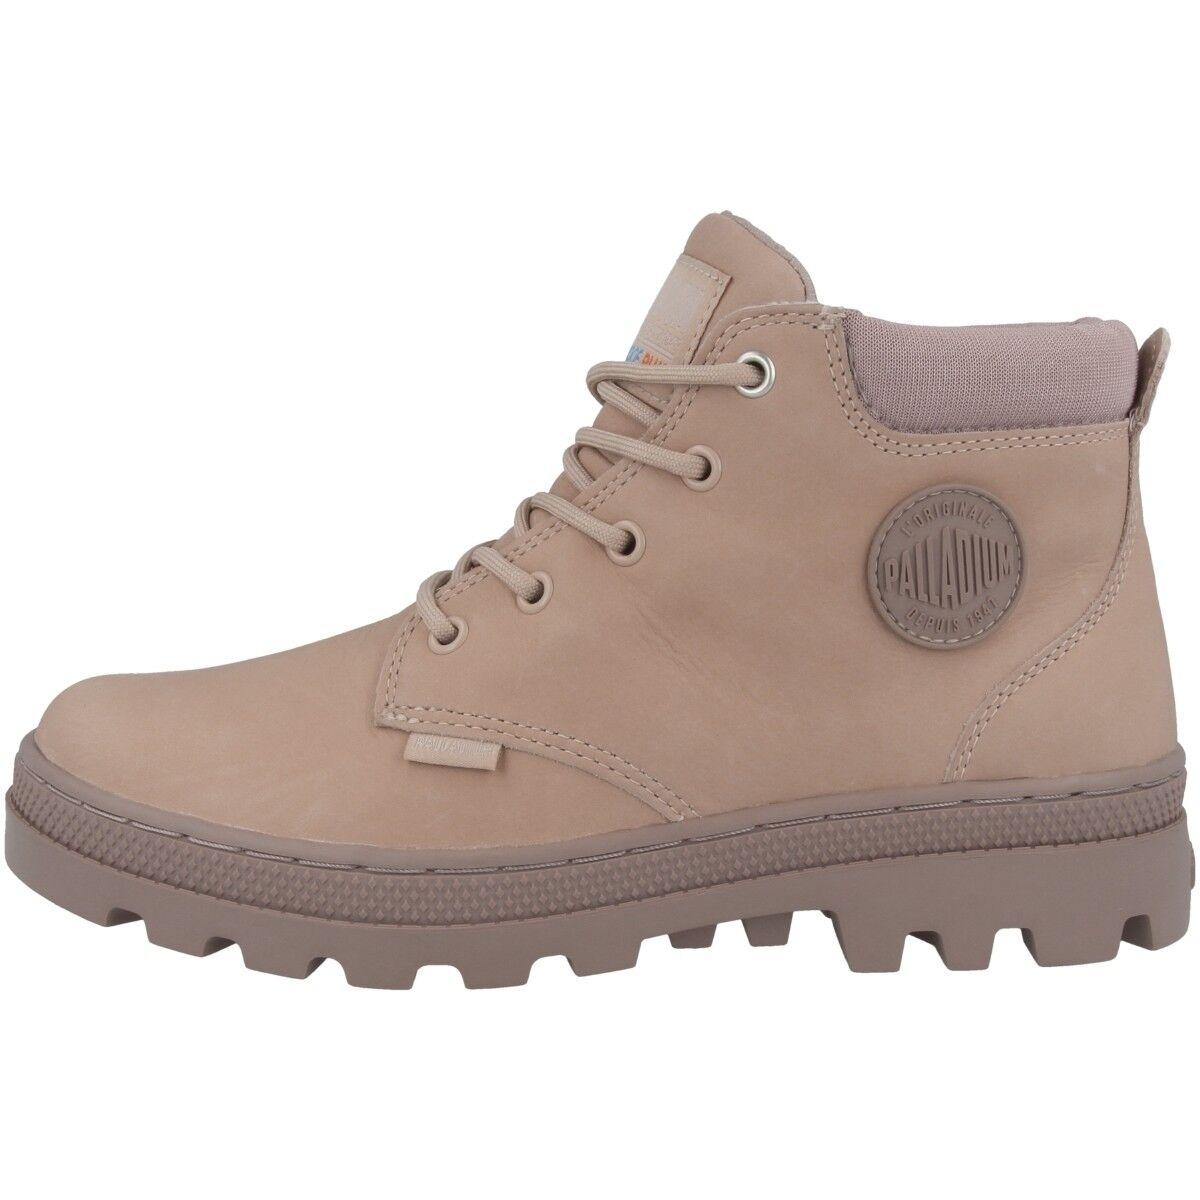 Palladium pallabosse lo Top Cuff L Scarpe High Top lo Sneaker women boots 95944-671 5eb69a